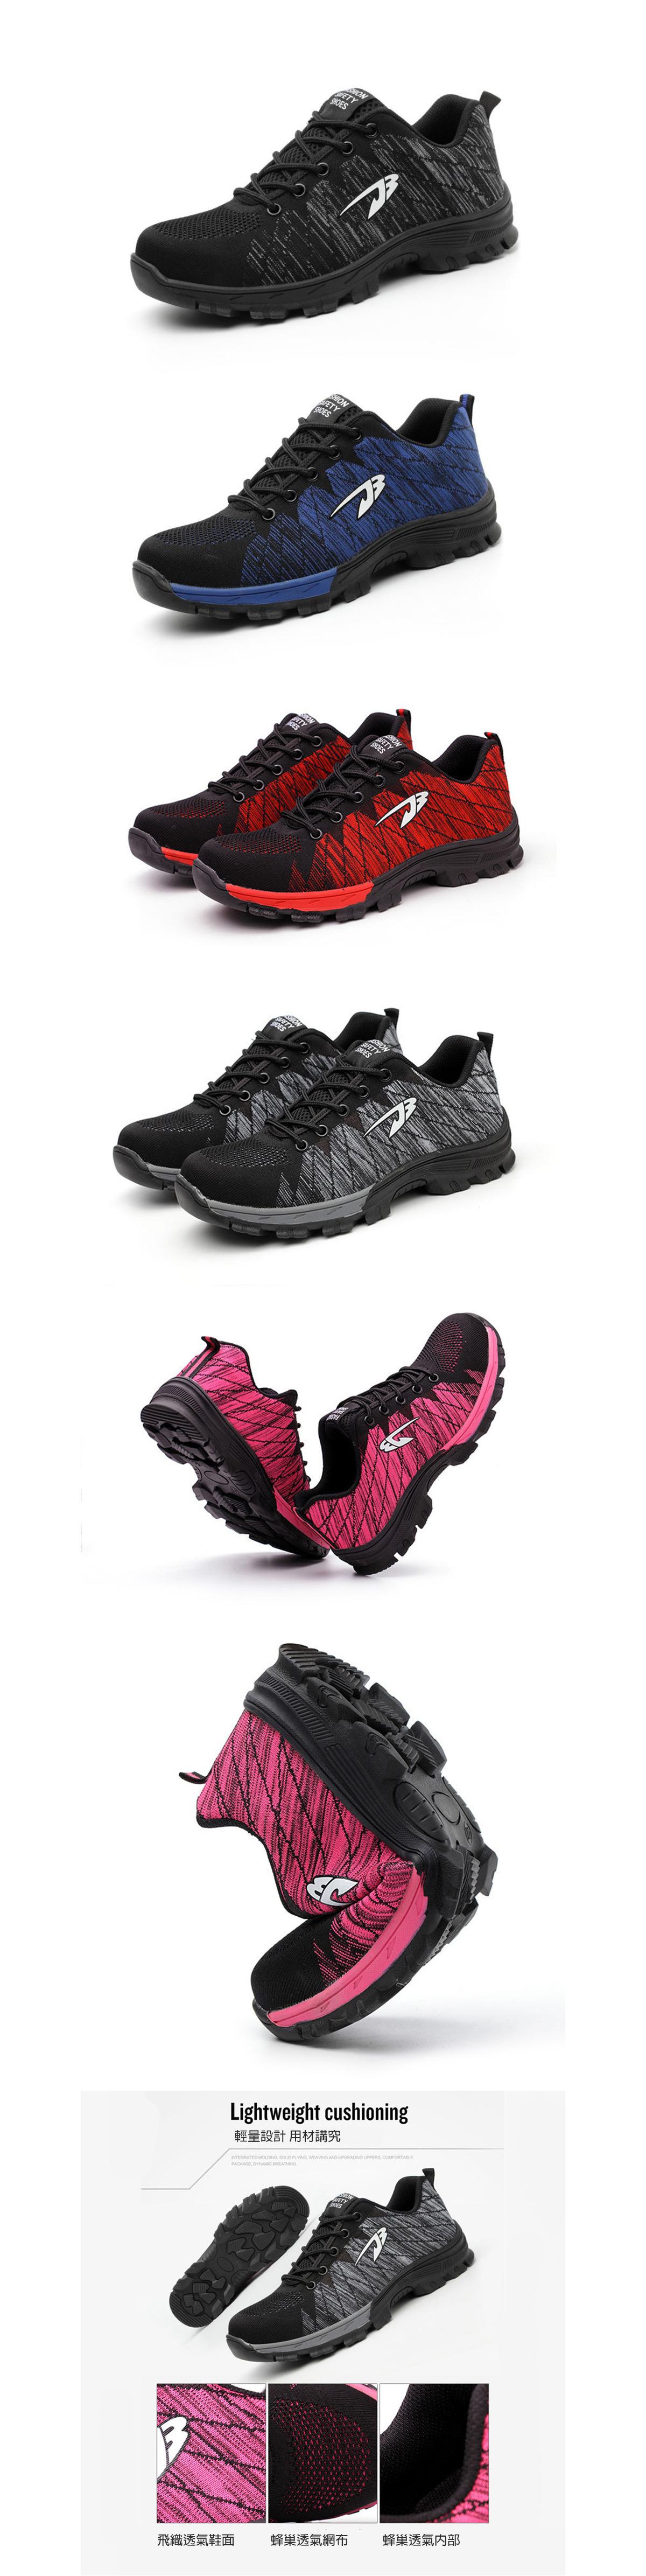 輕量透氣耐衝擊.撞色針織機能鞋